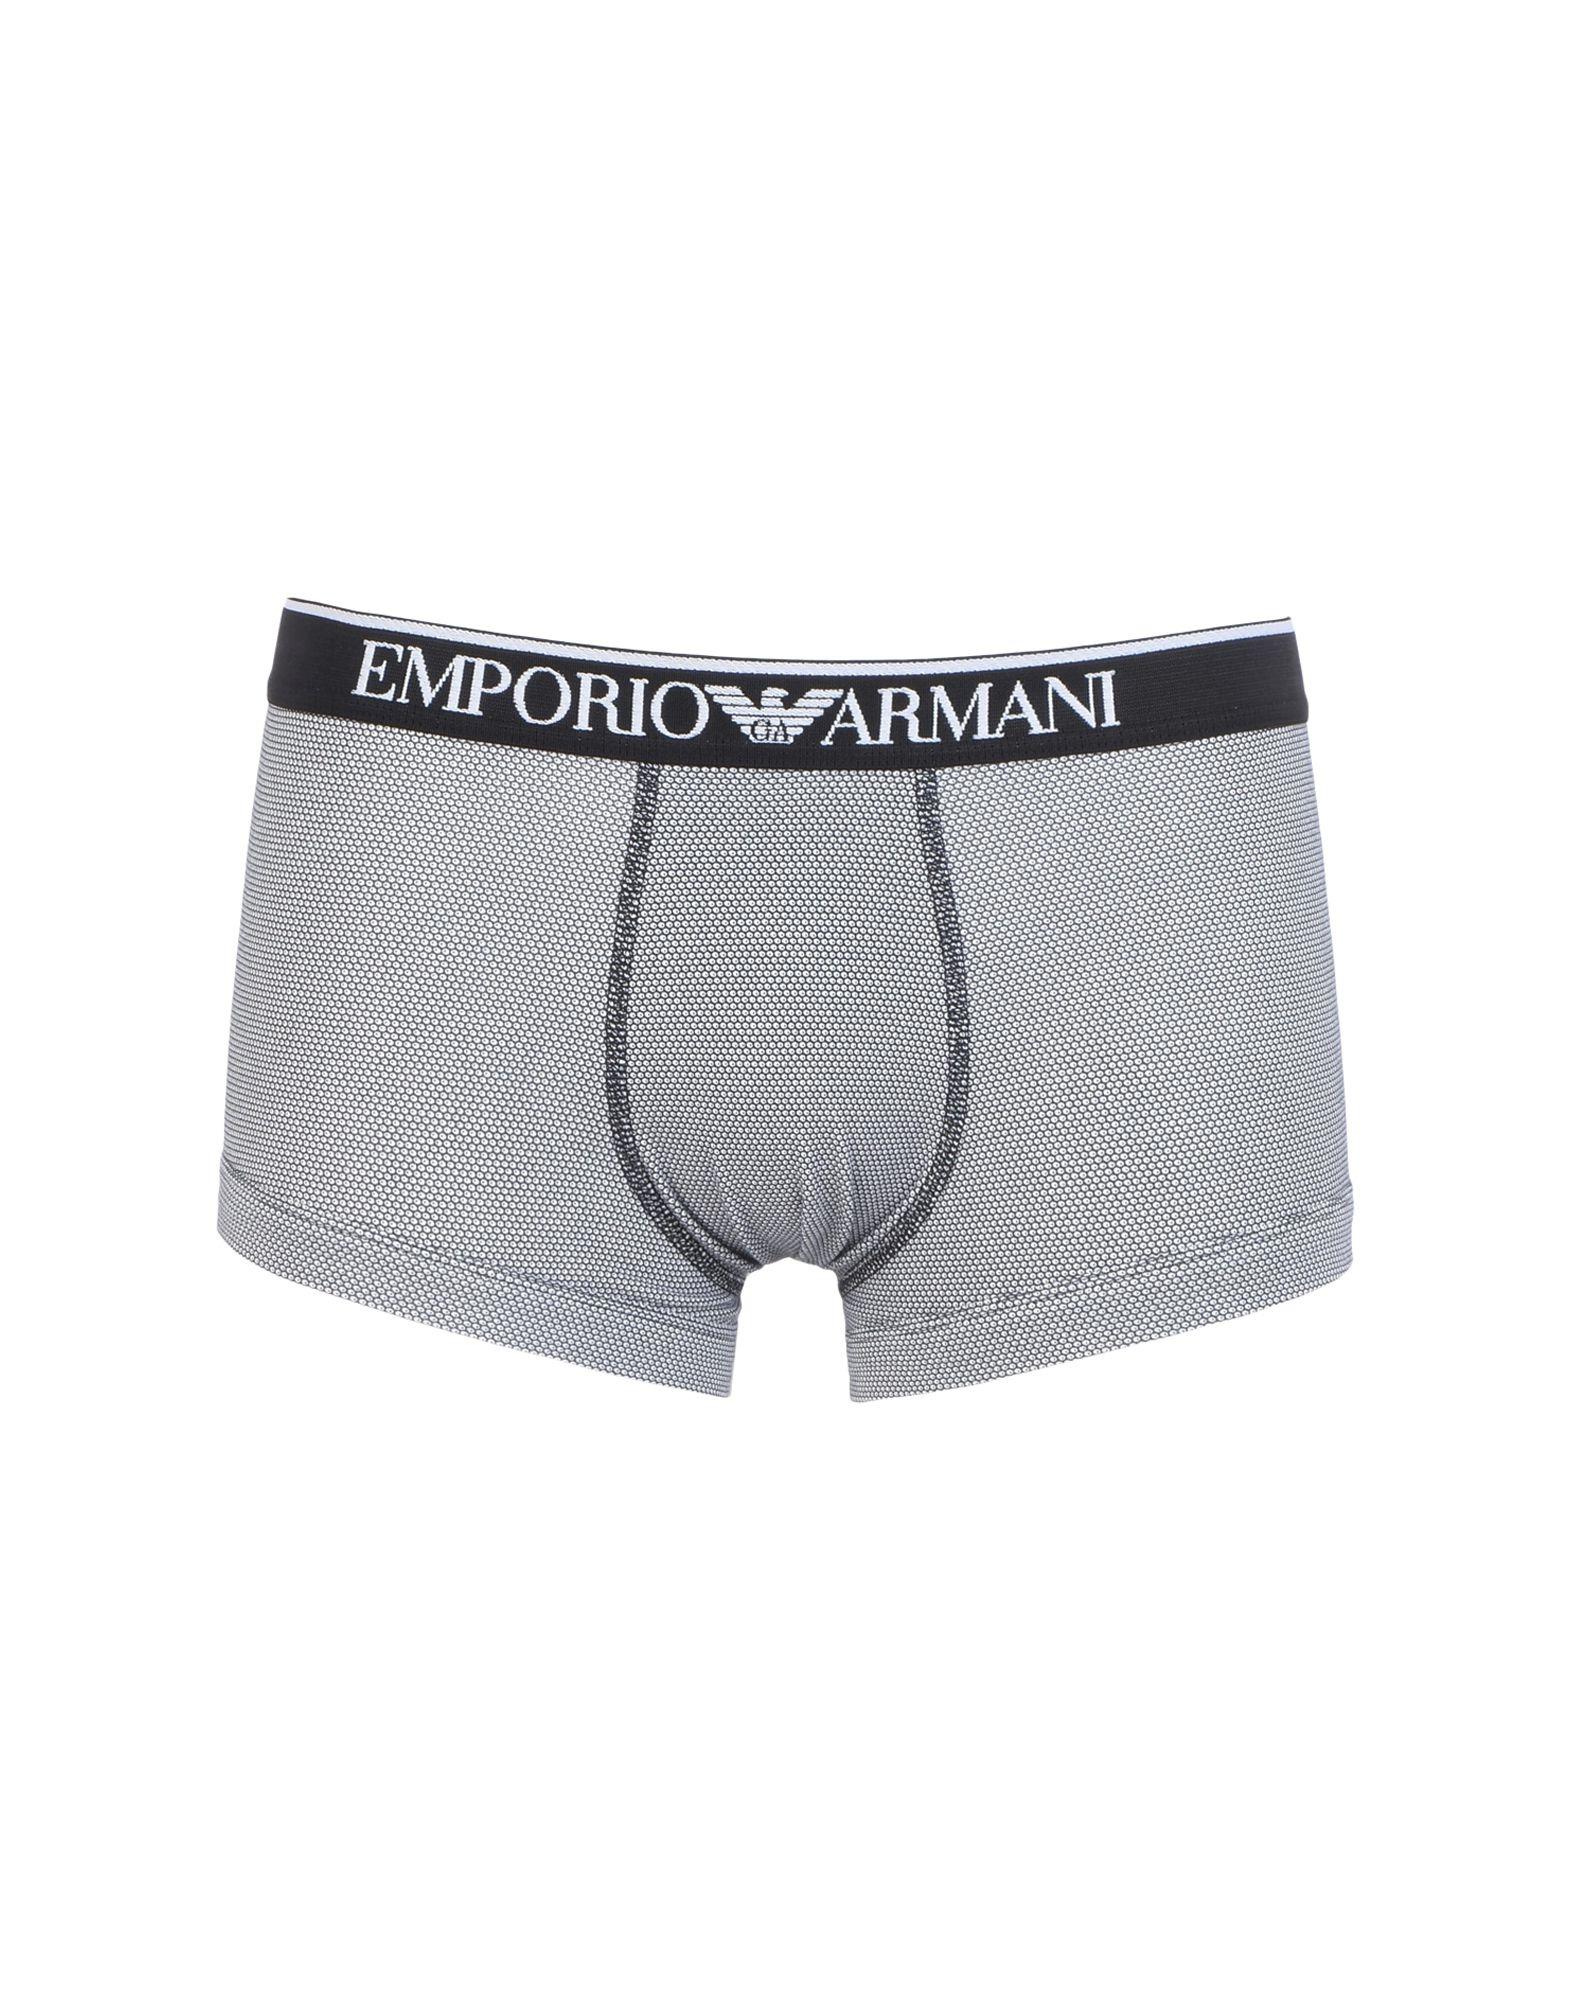 EMPORIO ARMANI Боксеры боксеры emporio armani трусы в стиле шортики